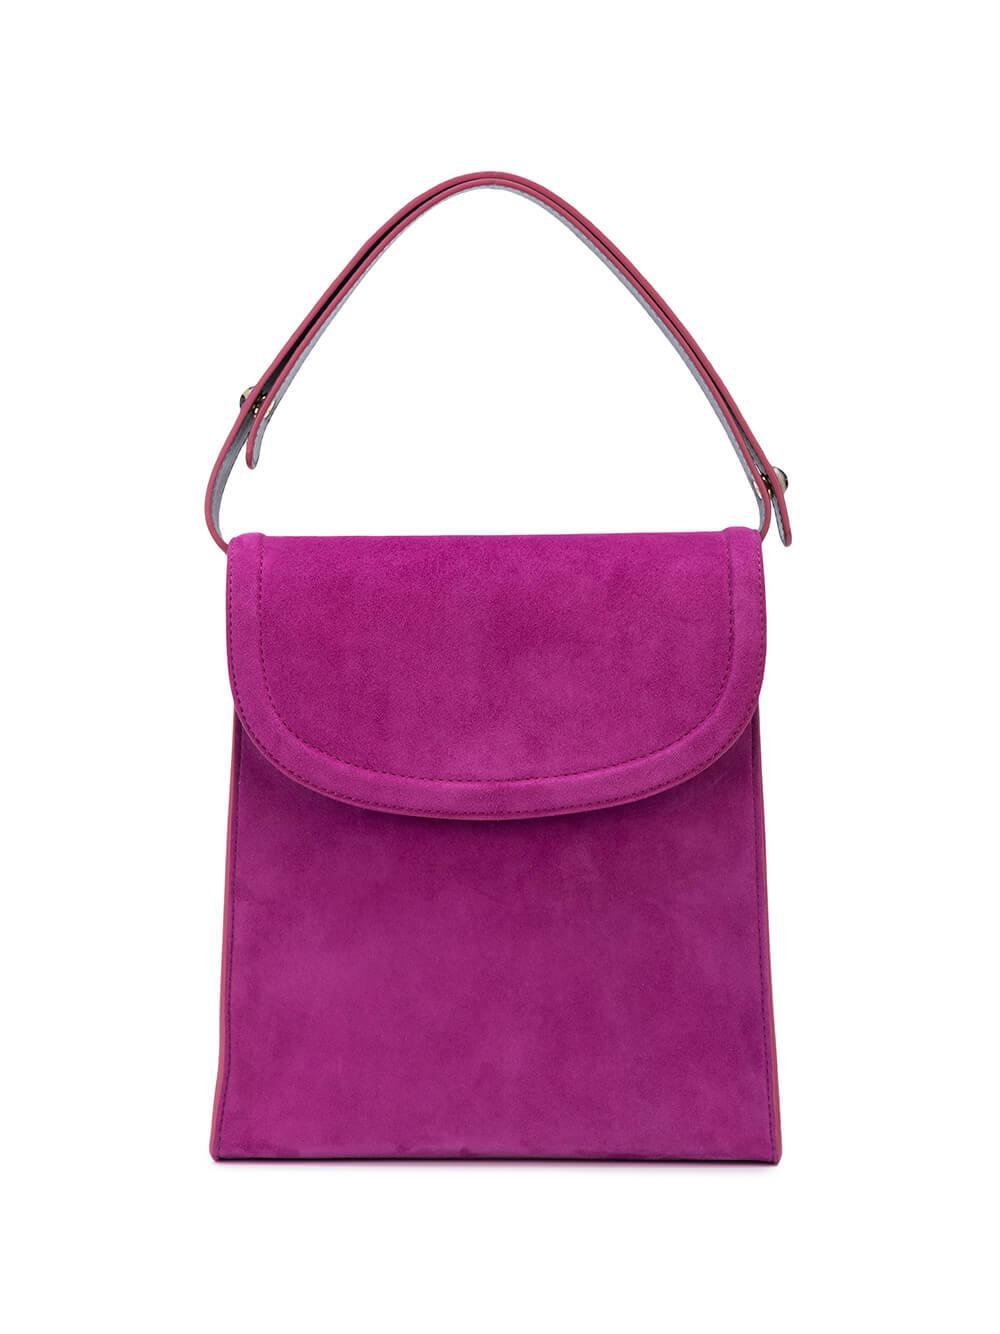 Teddy Top Handle Suede Bag Item # R20EPBTTH13001